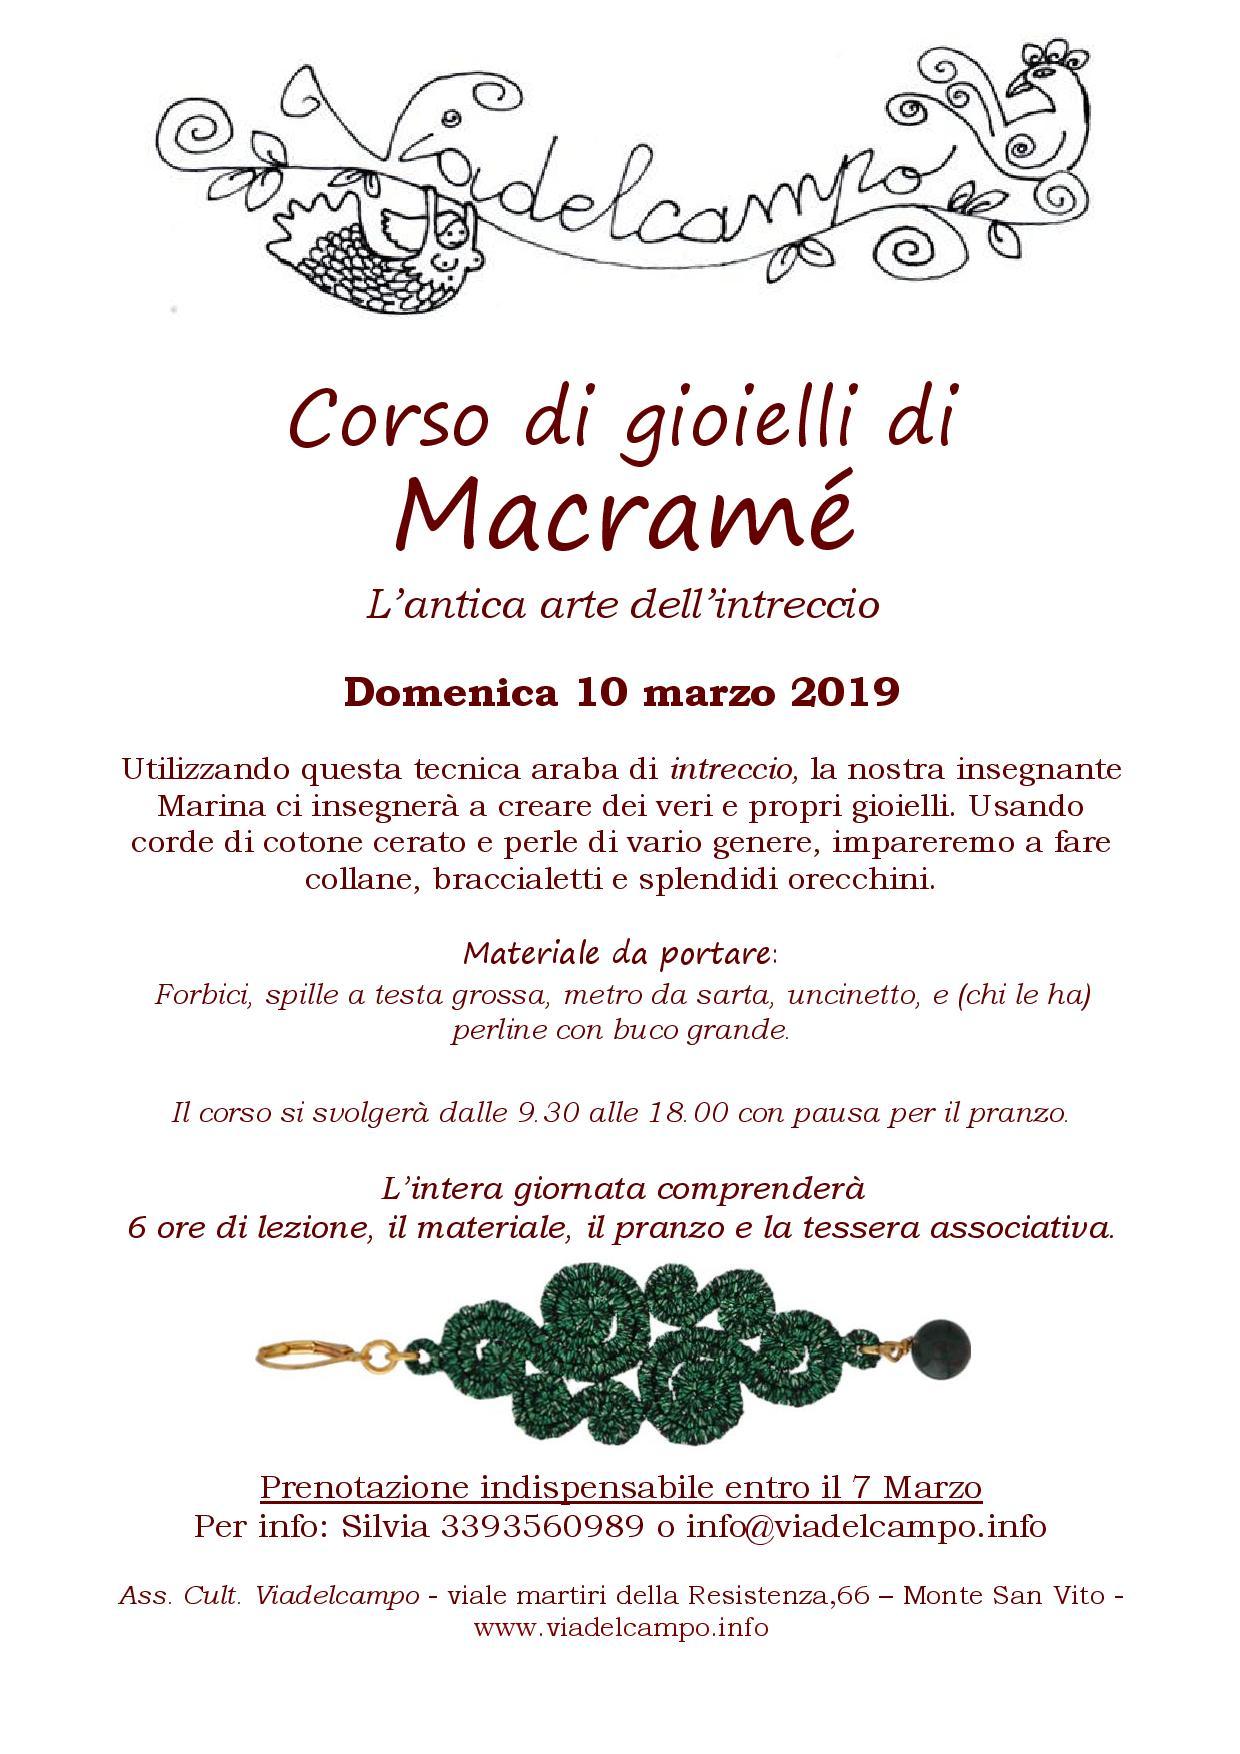 Corso di gioielli in Macramè